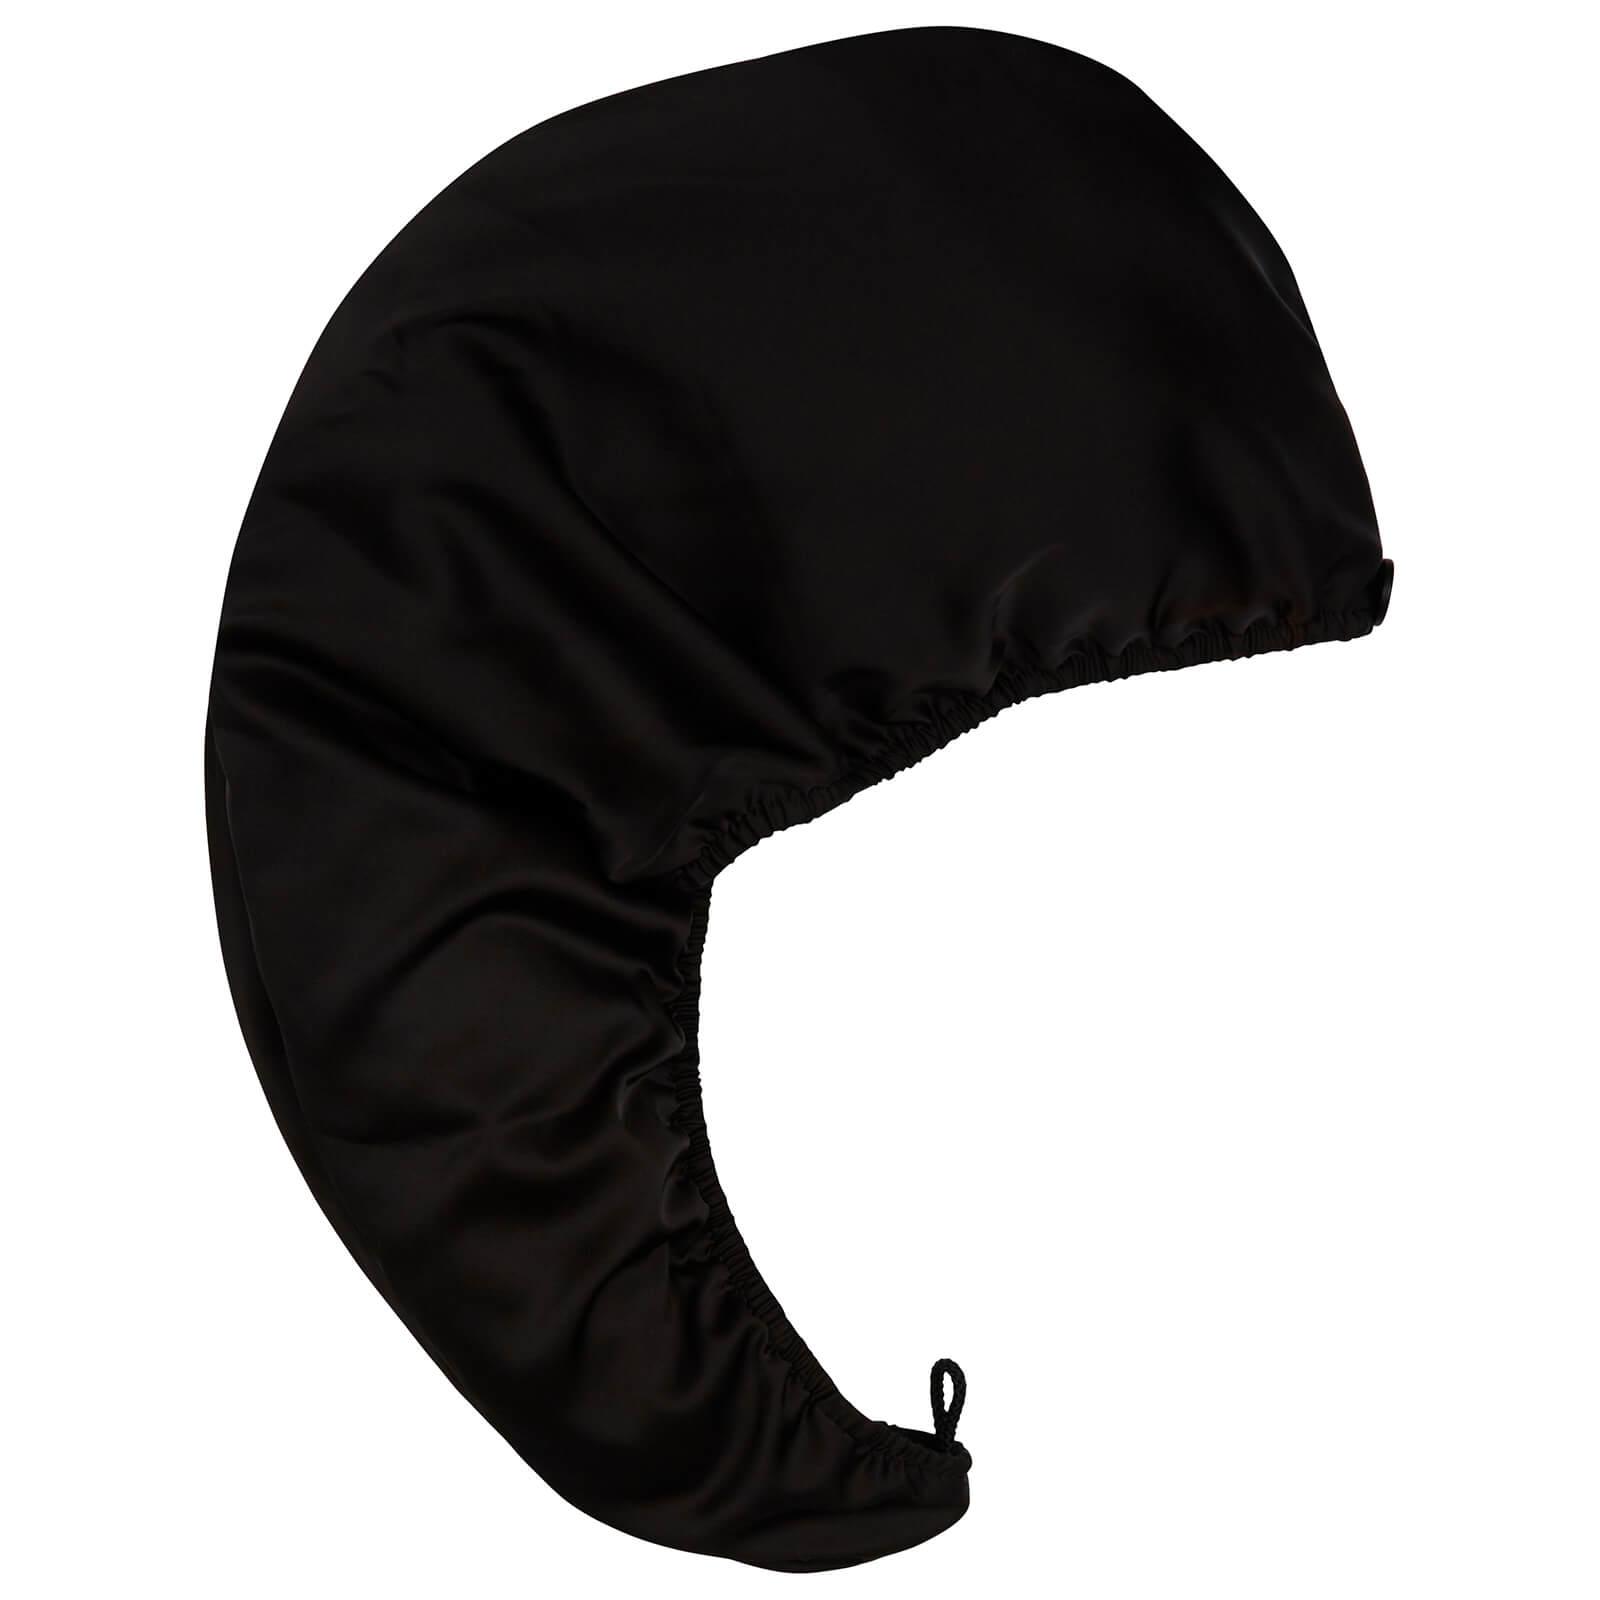 Купить AQUIS Black Double Layer Hair Turban - Exclusive